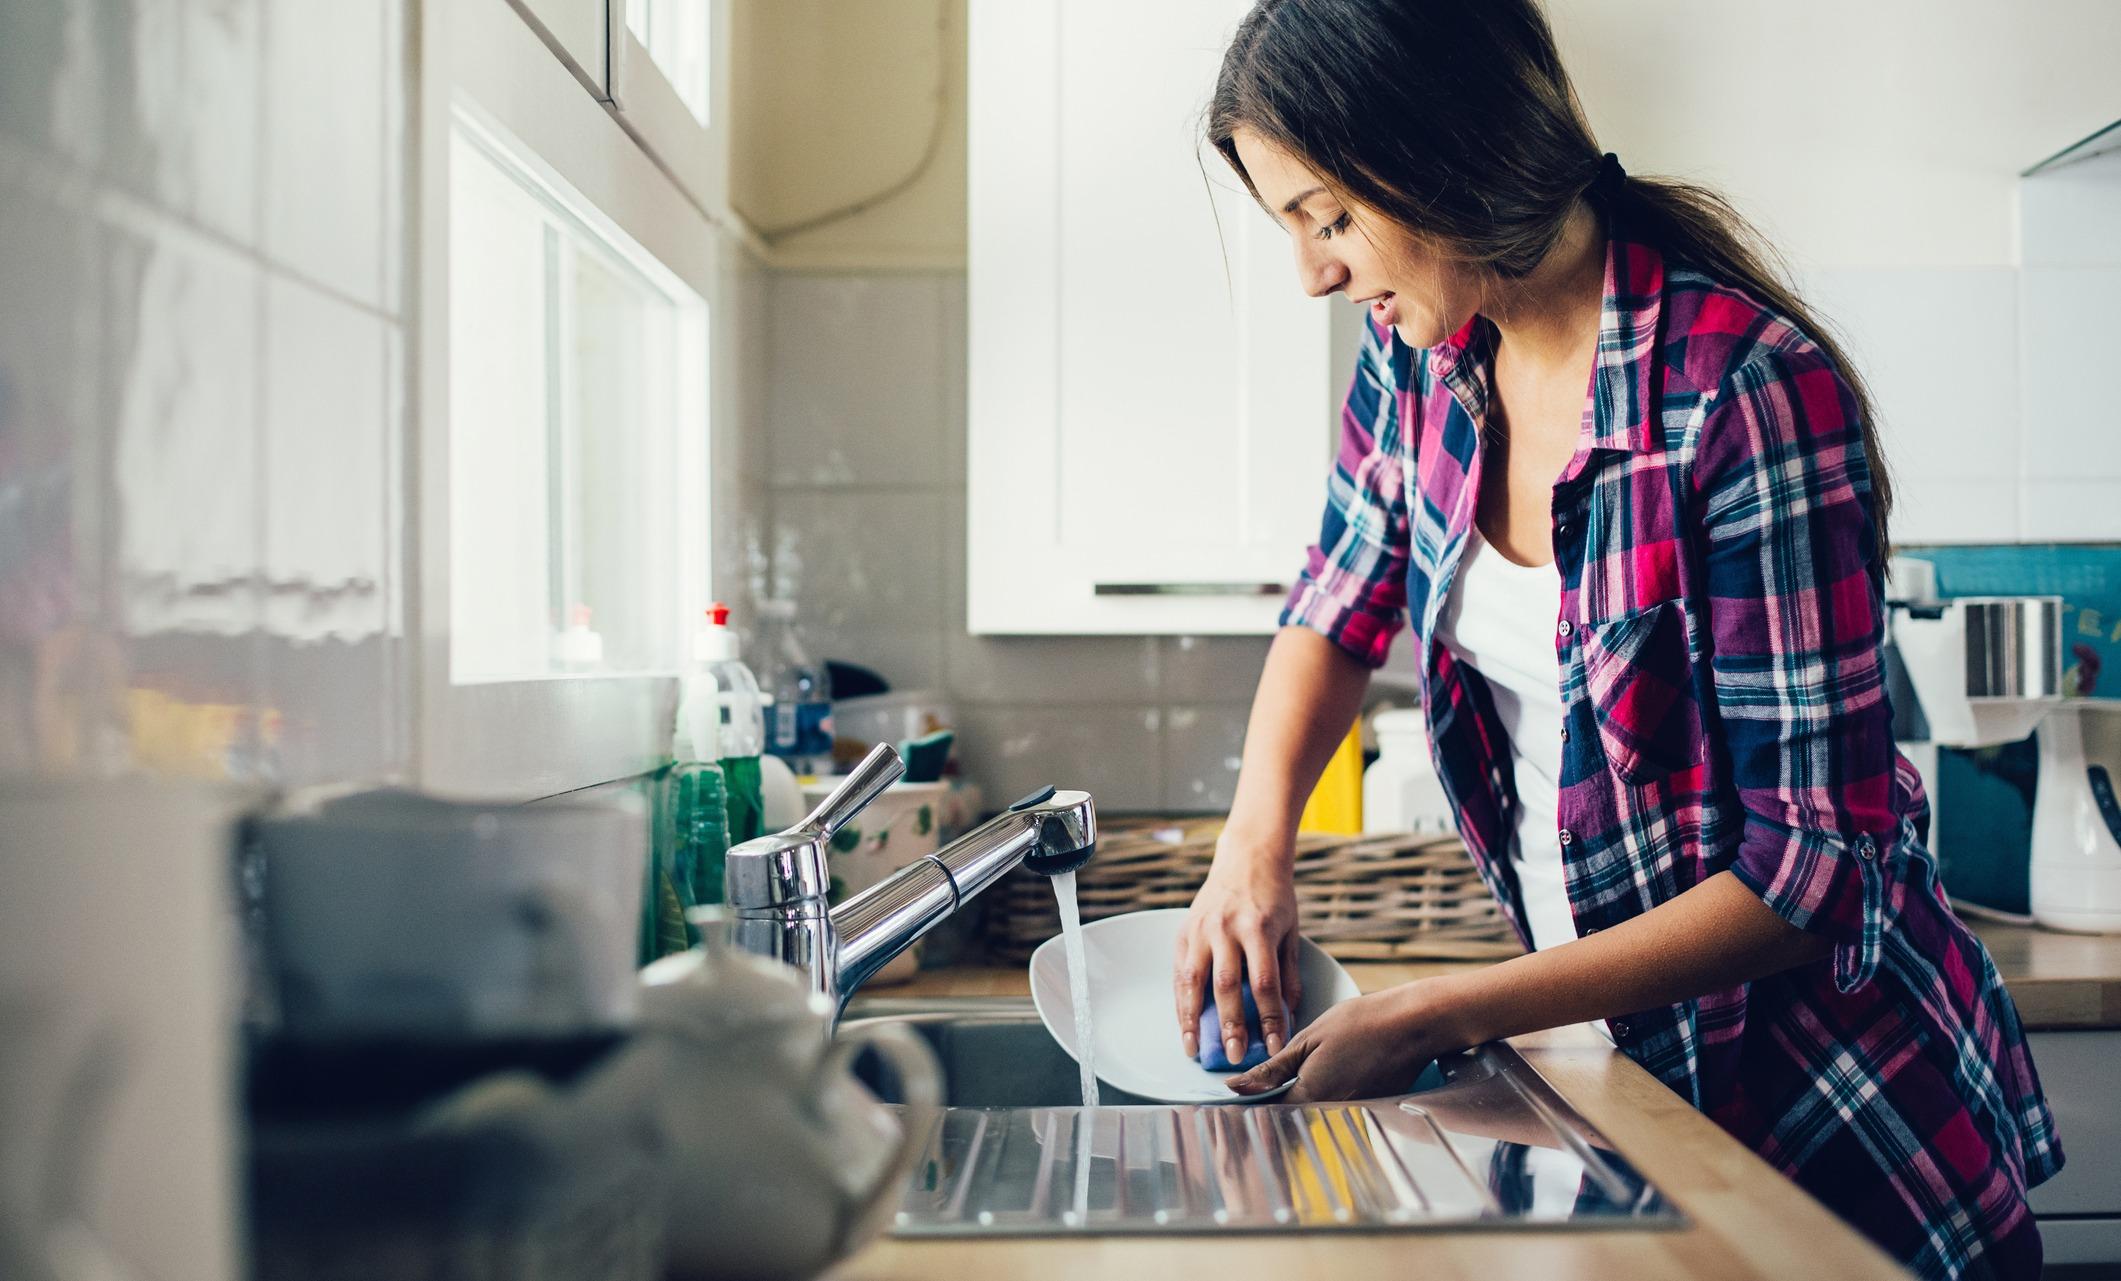 Сексом студенток полная девушка на кухне моет посуду видео время купания